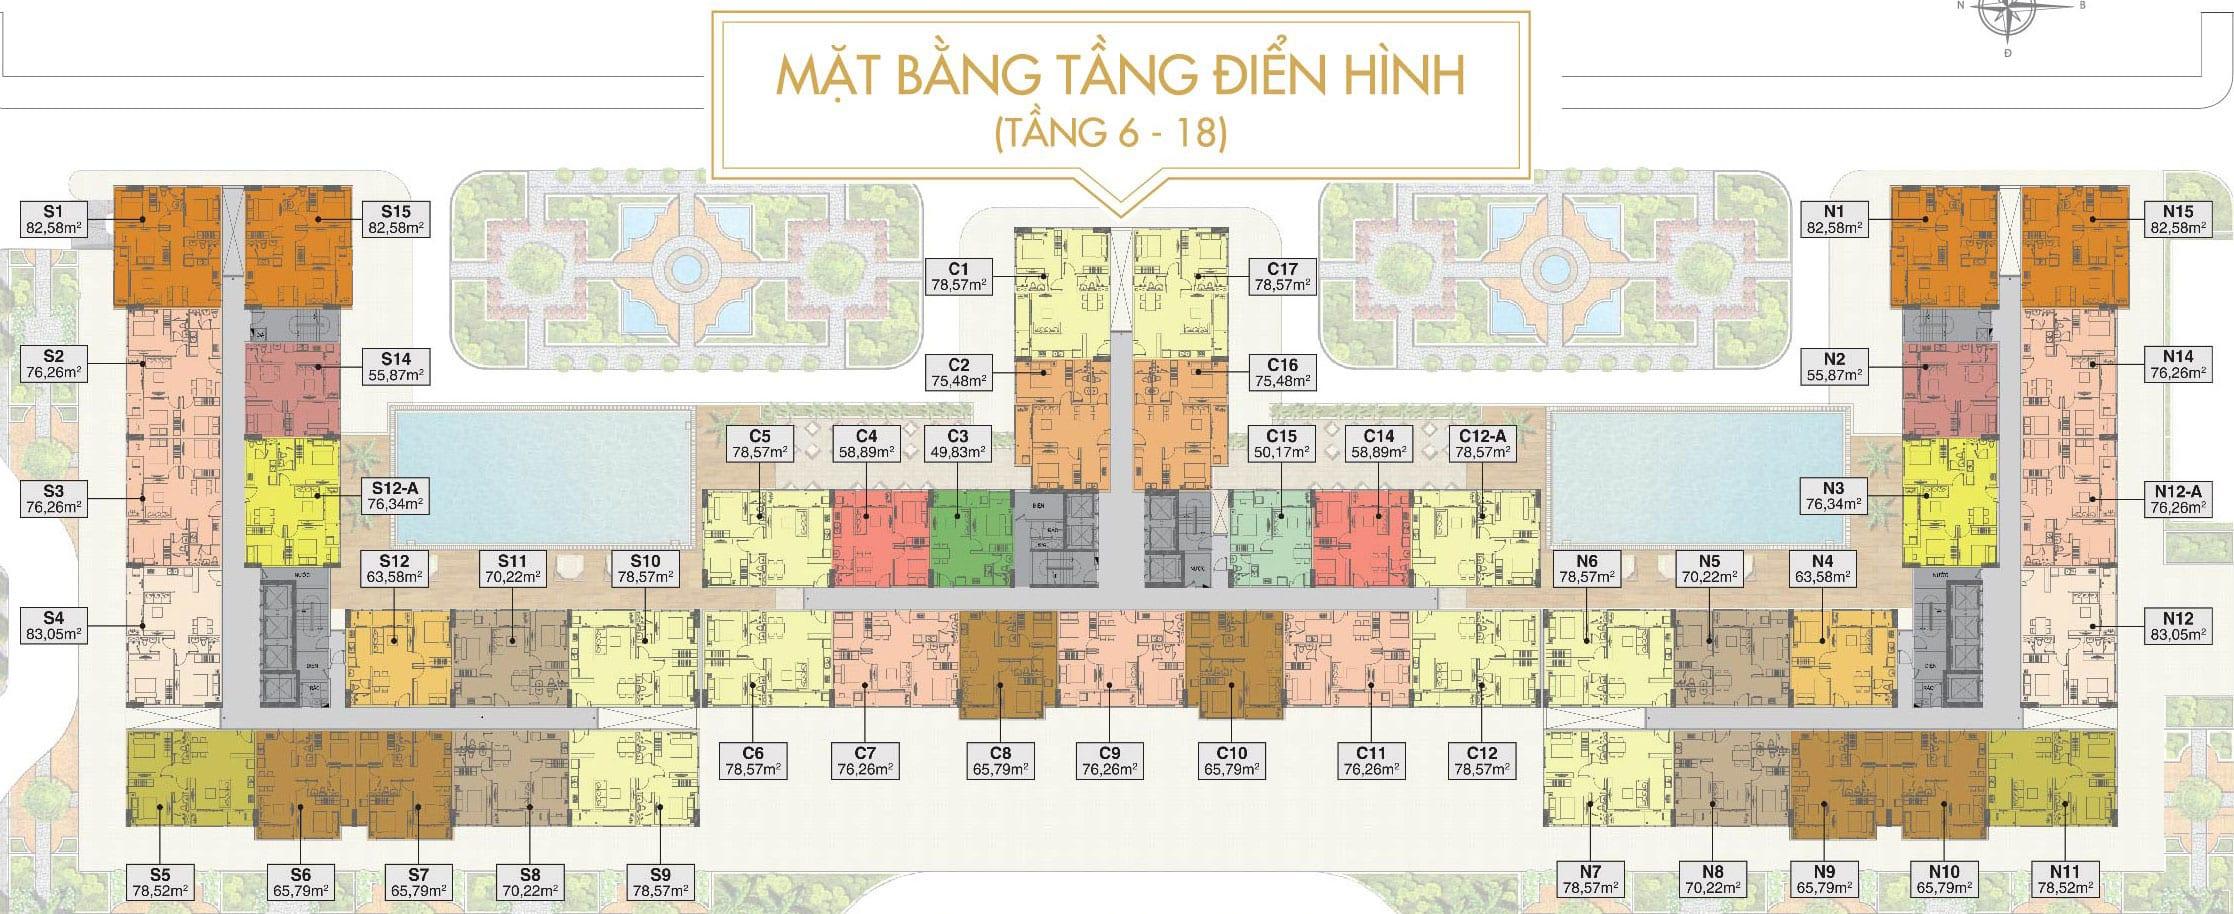 Mặt bằng căn hộ điển hình tầng 6-18dự án Saigon Mia